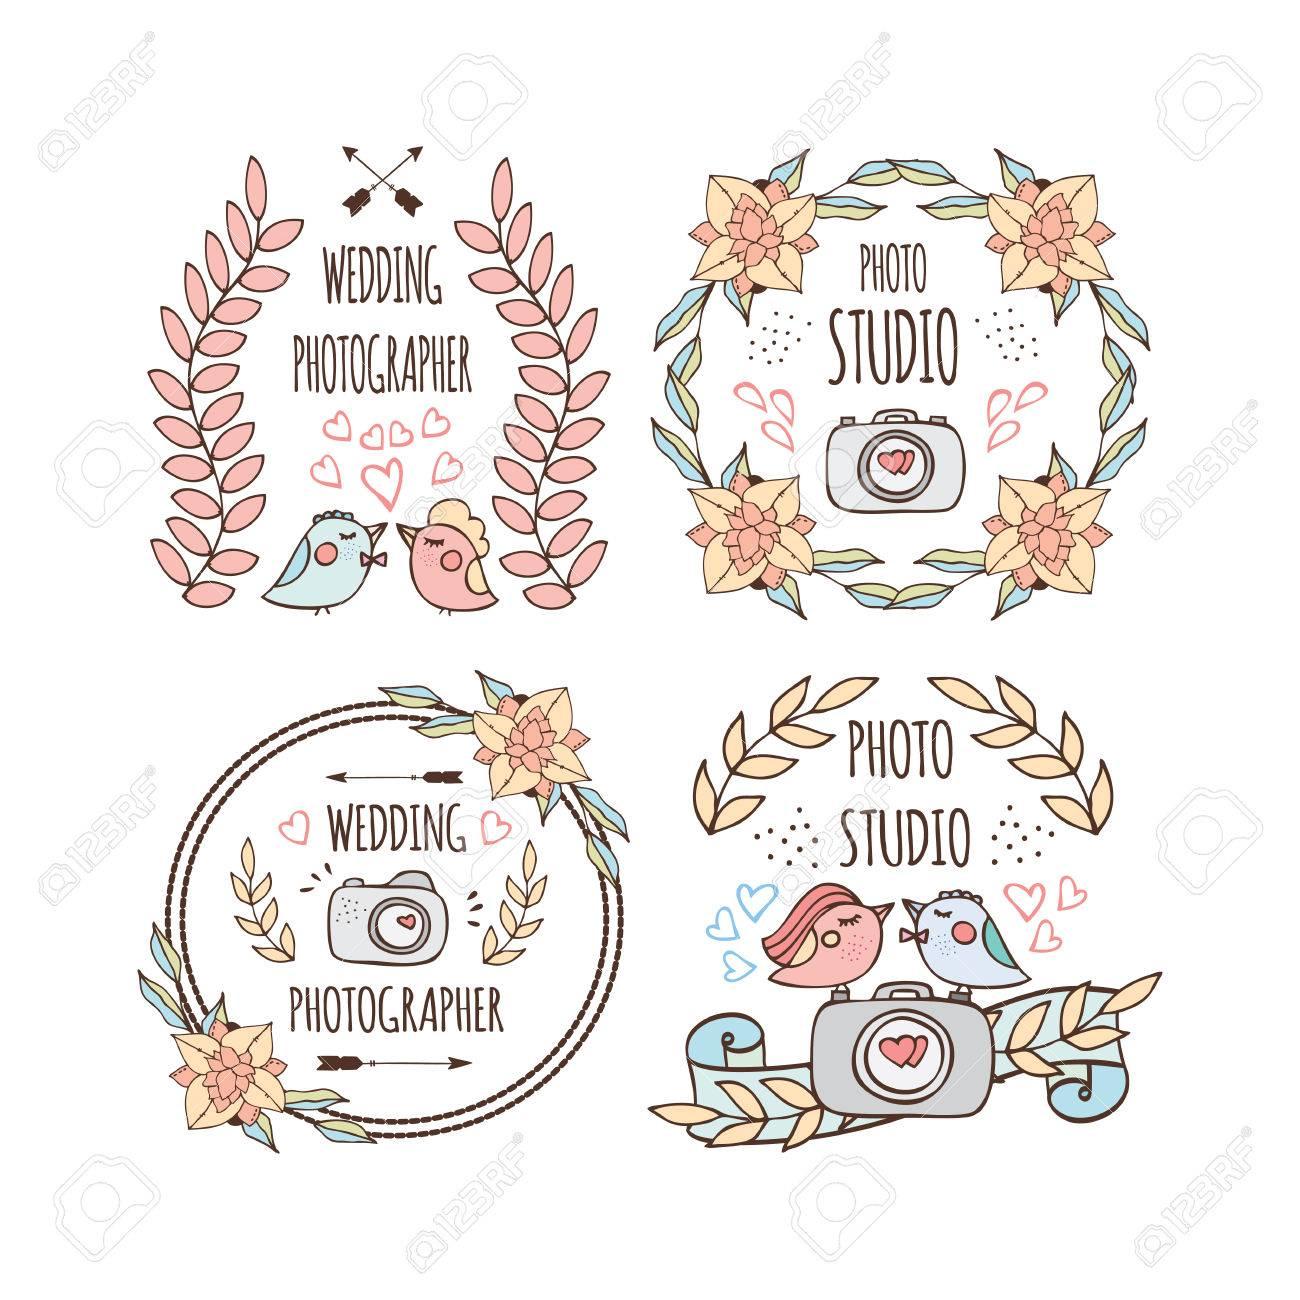 結婚式 ロゴ おしゃれ